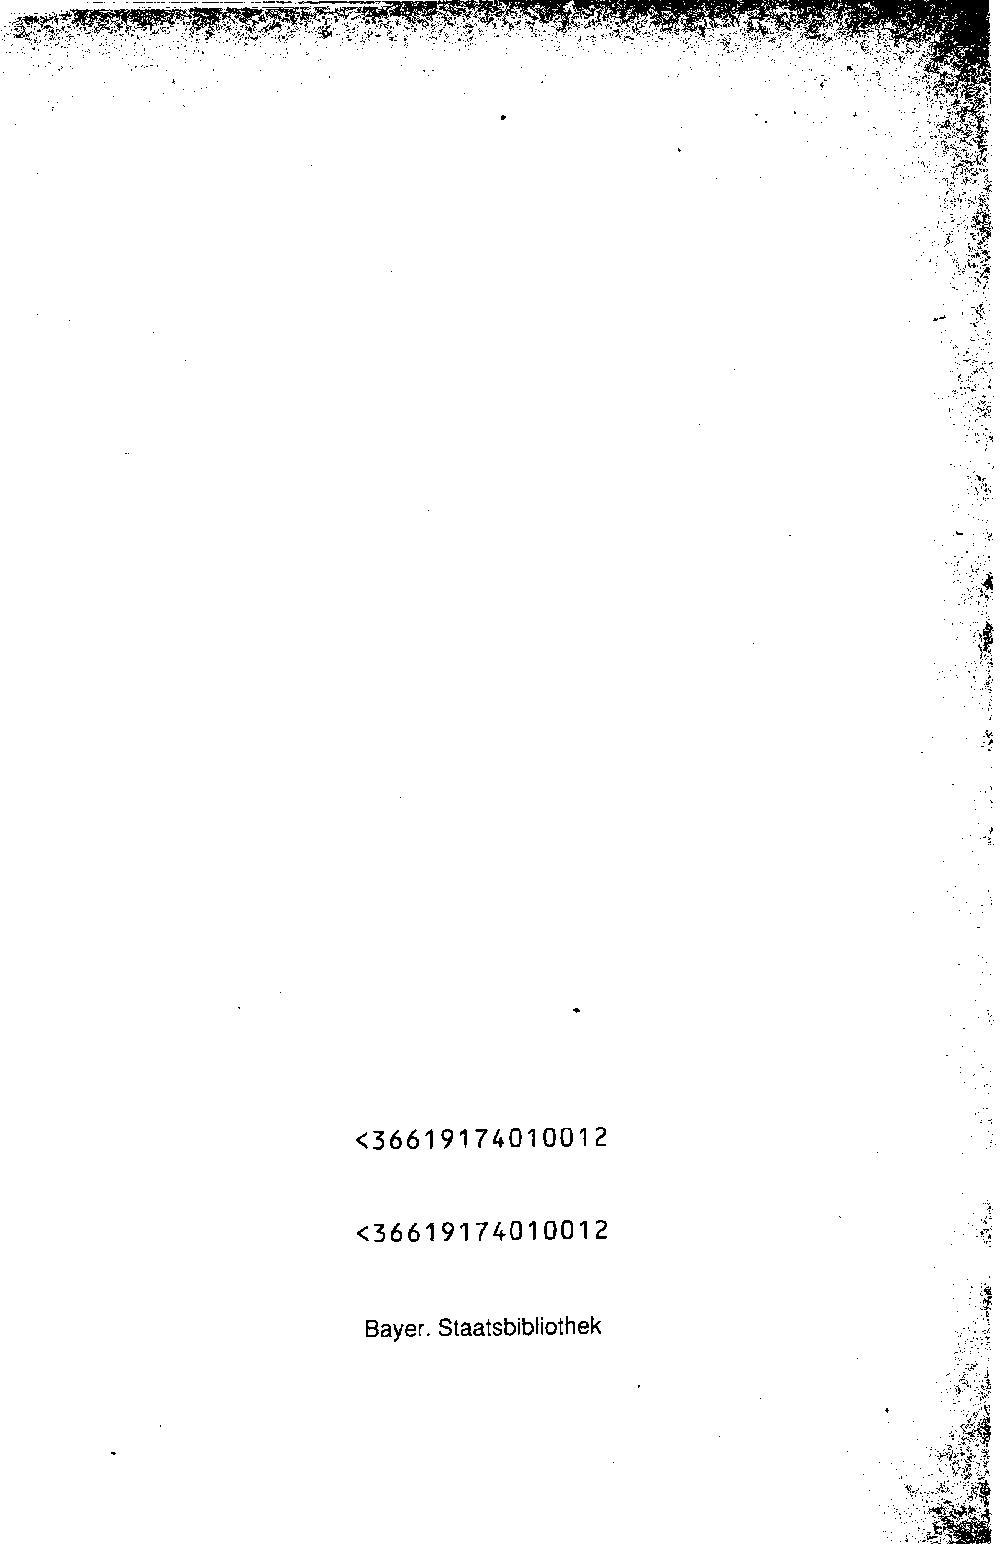 bsb00009384_00001.jpg